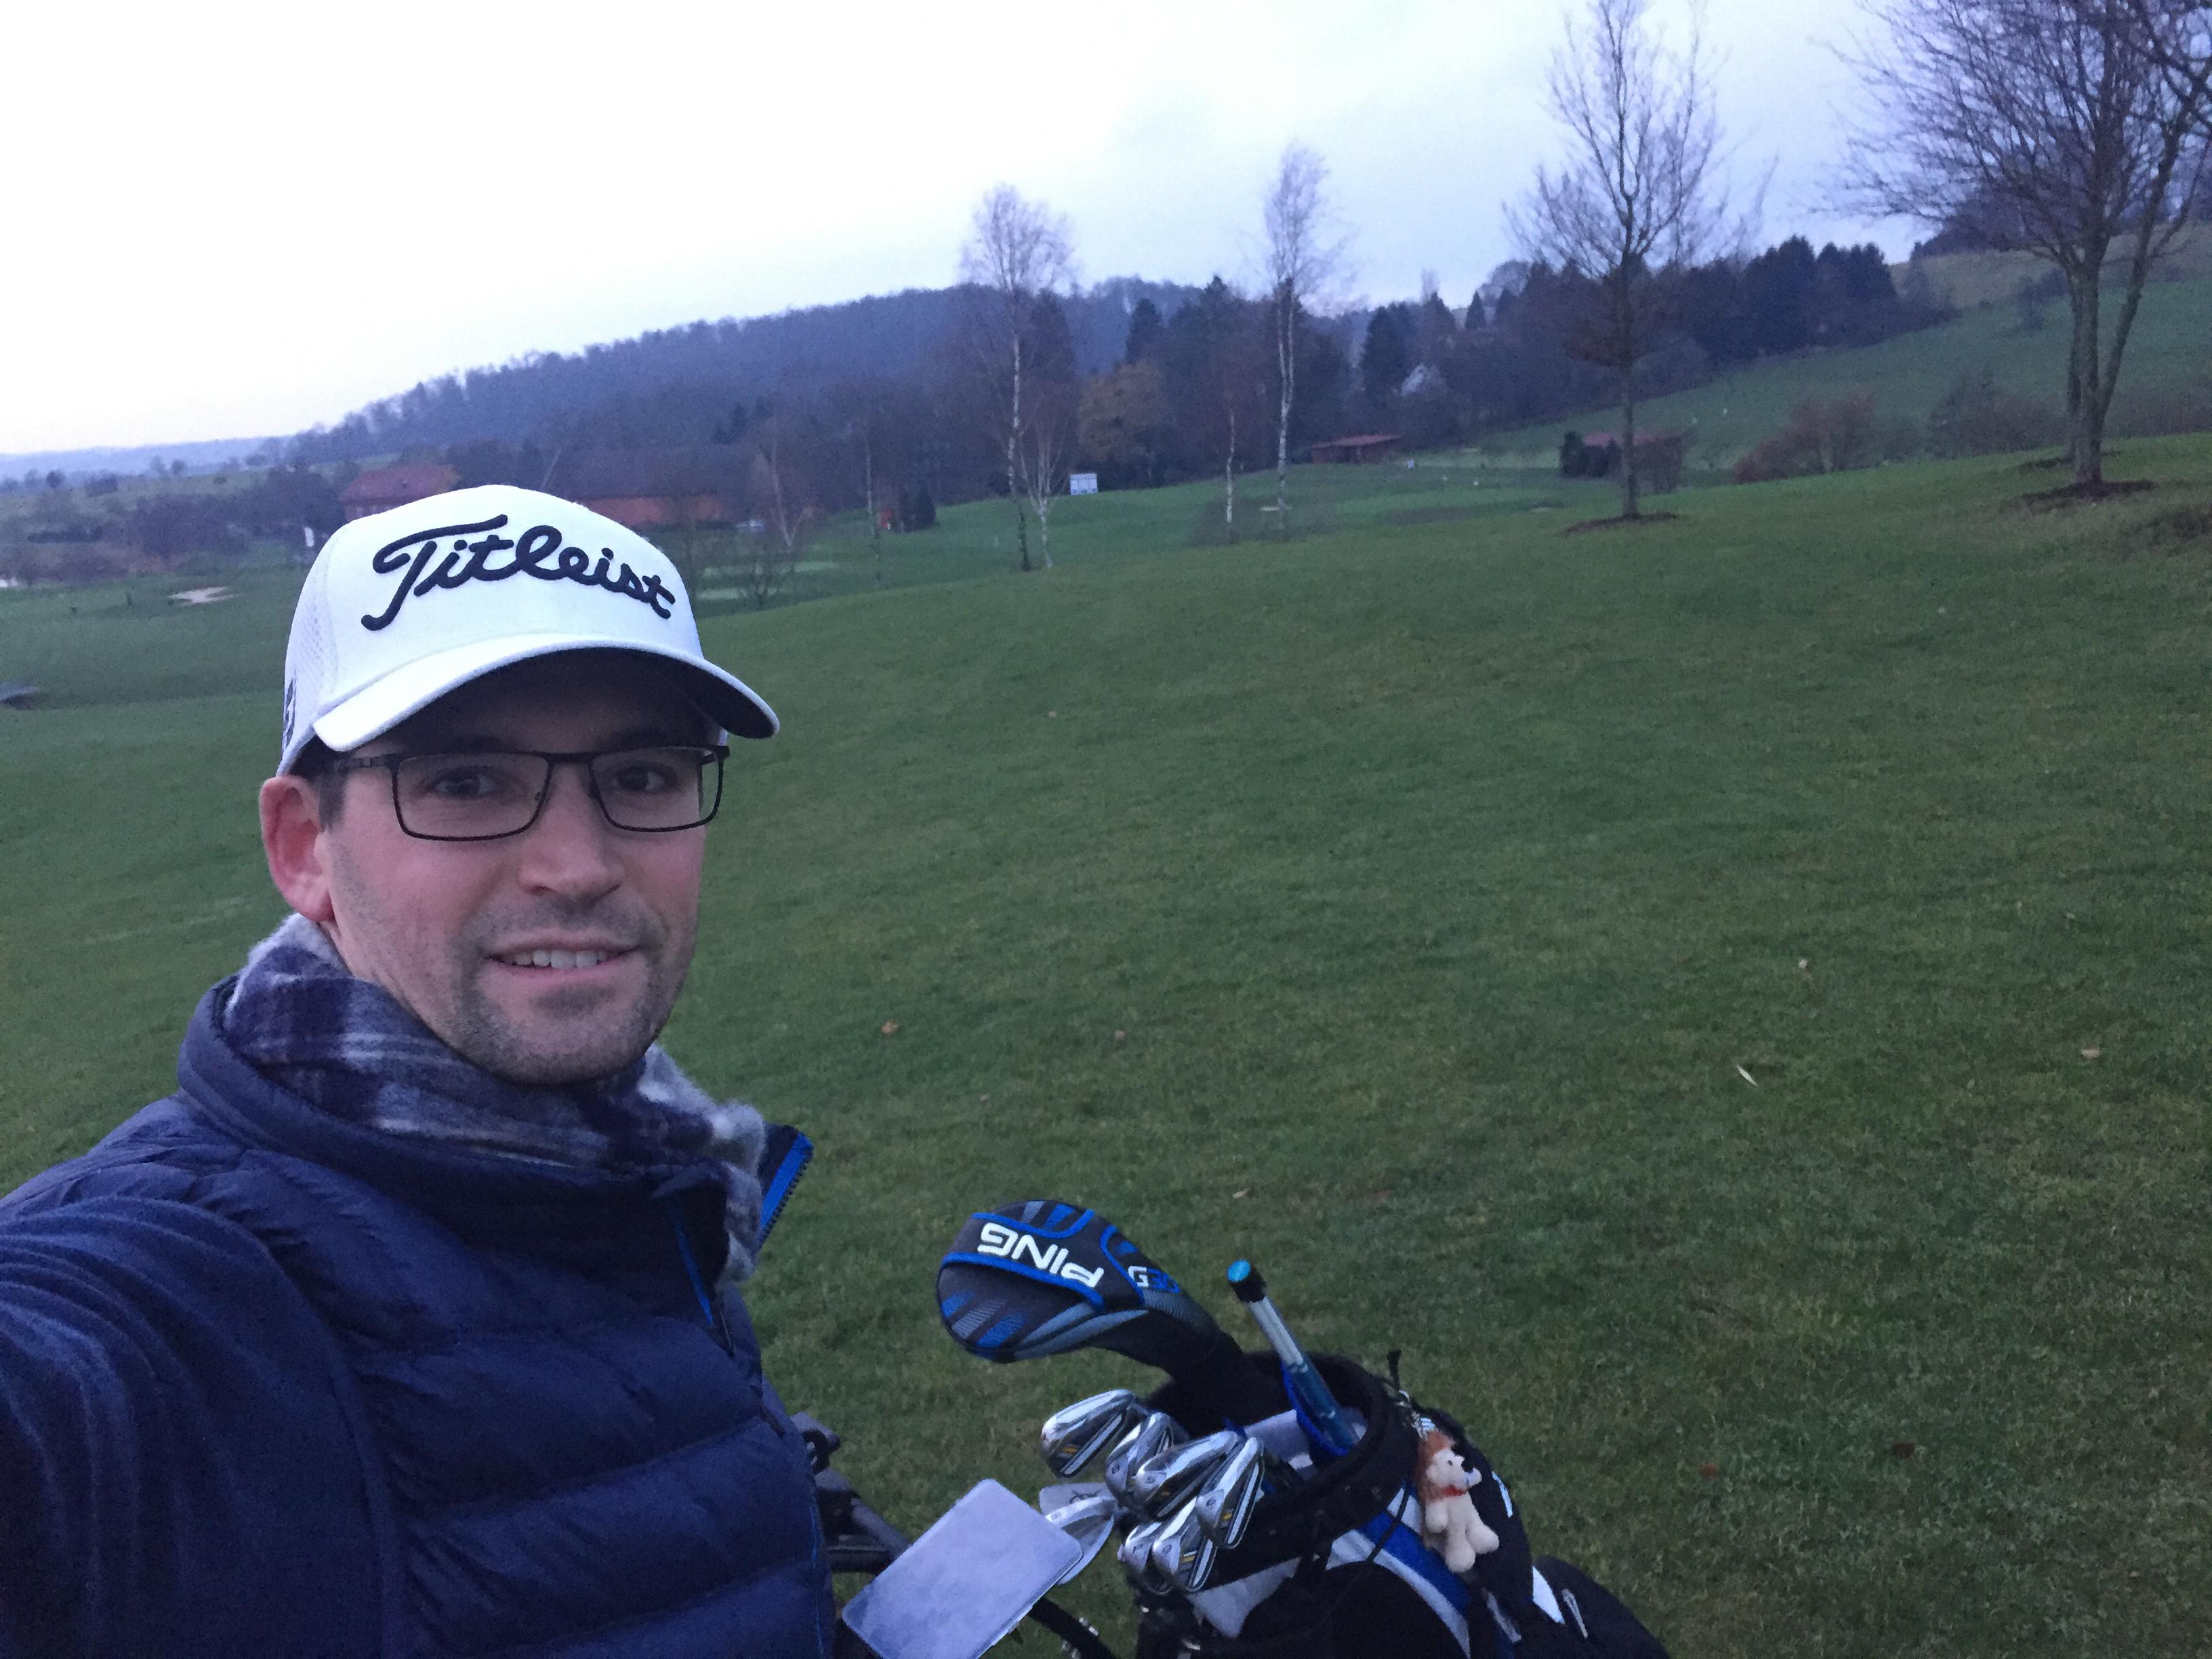 Avatar of golfer named Thorsten Golasch